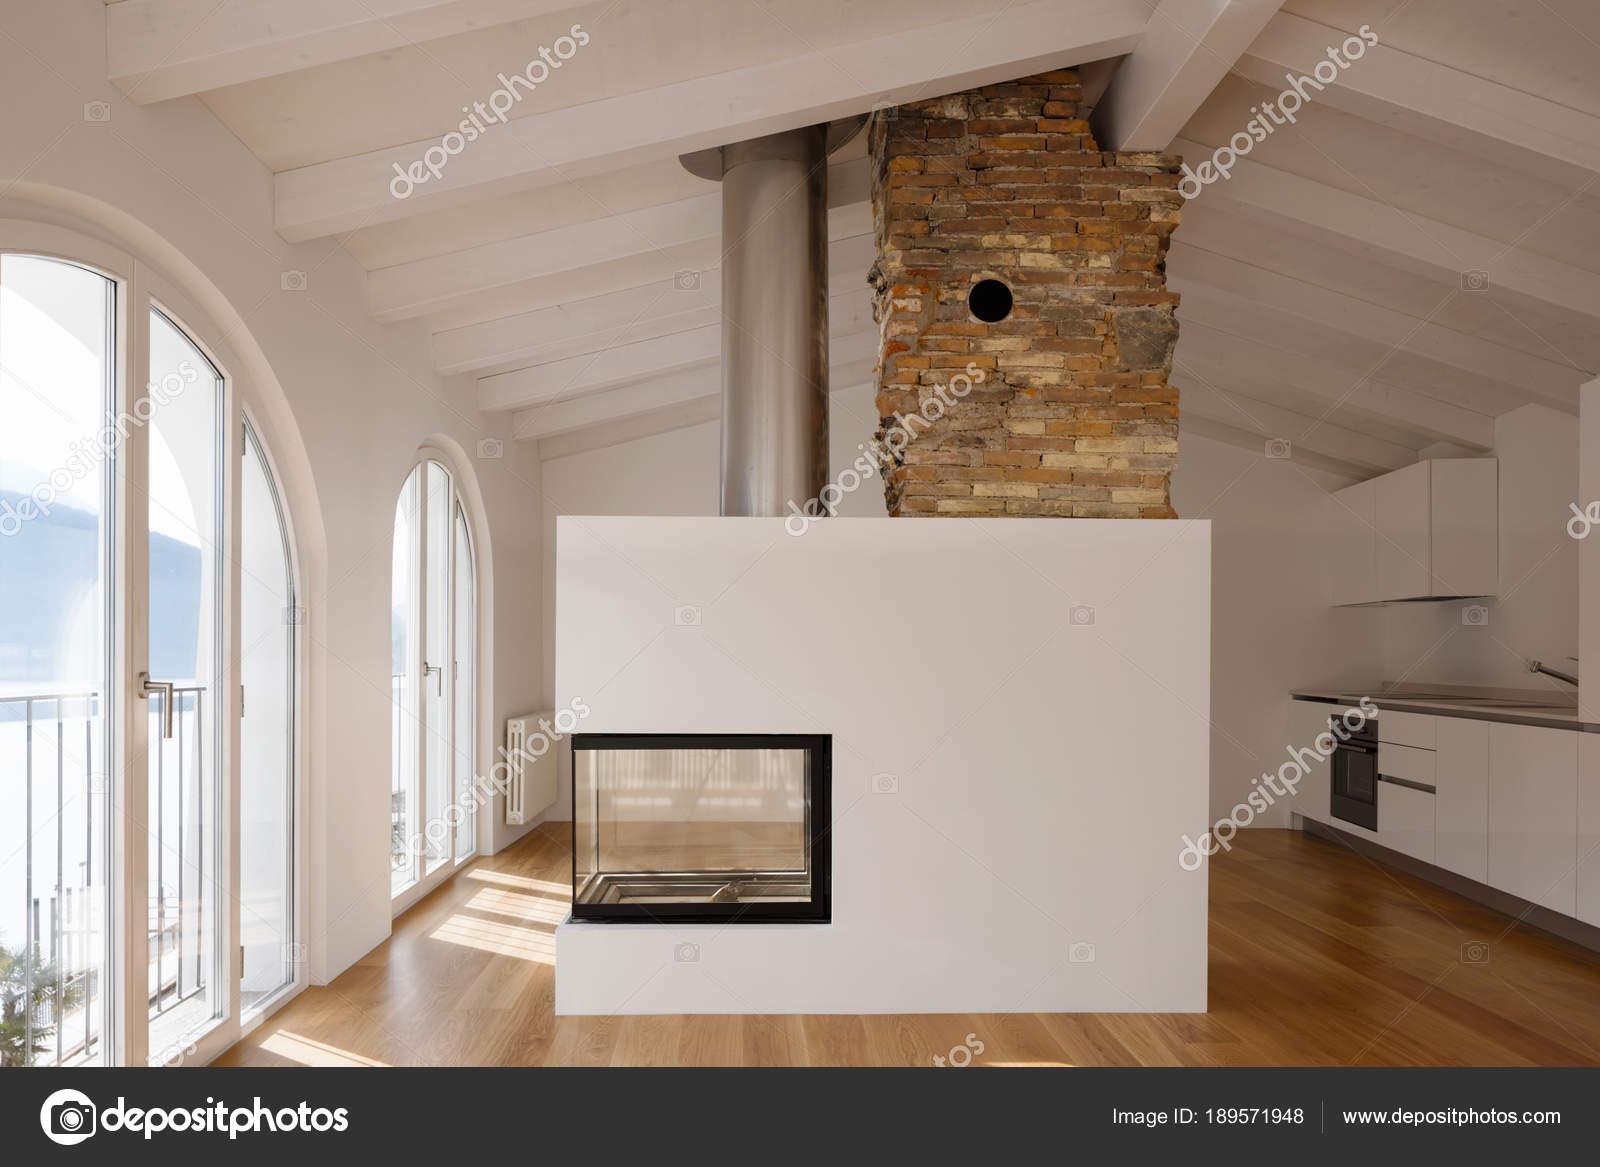 Extrem Modernes Wohnzimmer mit Kamin in der Mitte — Stockfoto © Zveiger WJ96